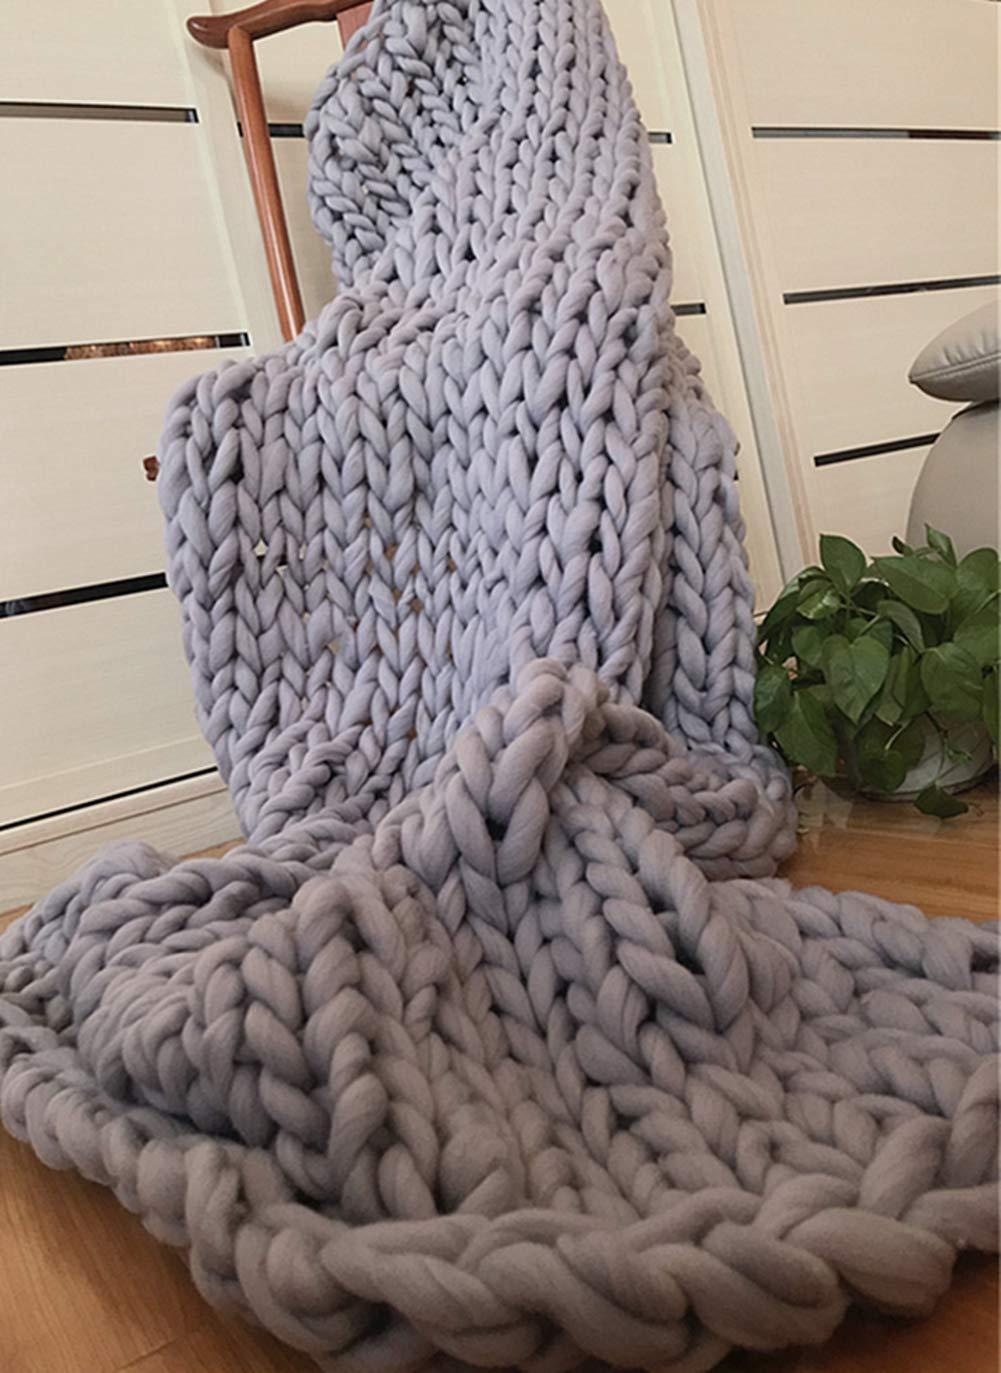 Knitted Blanket Große Stricken Dicke Decken Weiche Und Warme Winter Bett Sofa Teppiche Handgestrickte Dick-Linie Decken,1,150  180Cm